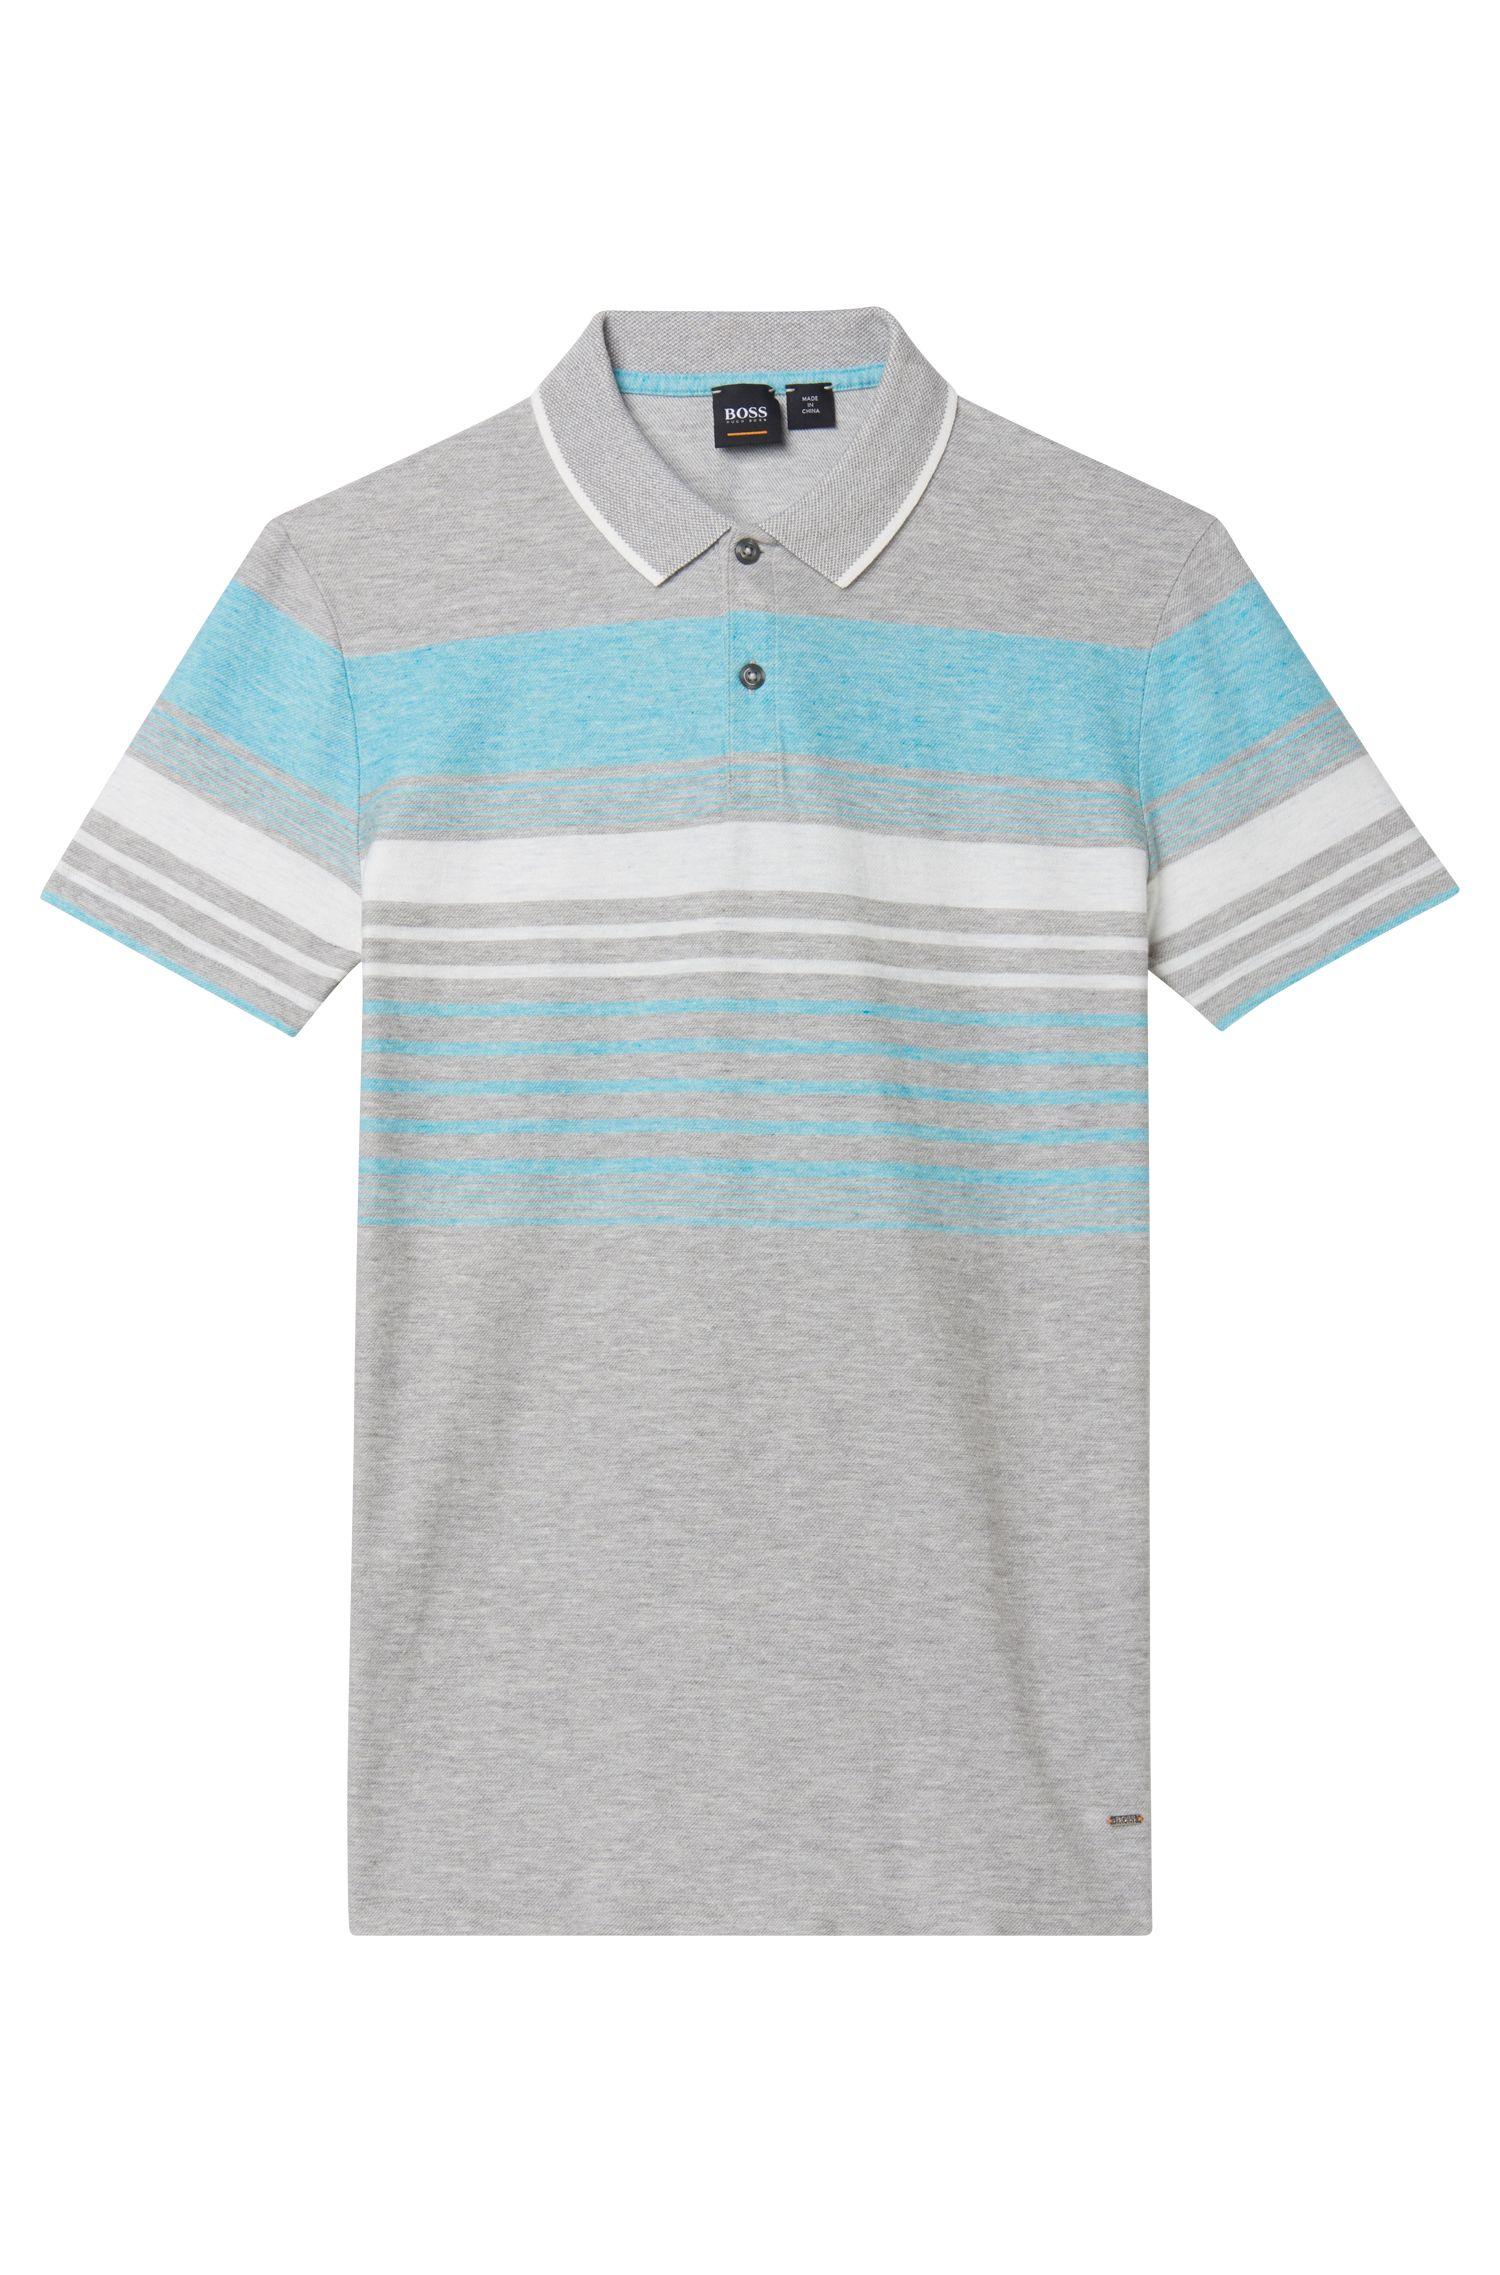 Cotton Linen Polo Shirt, Relaxed Fit | Pilak, Light Grey